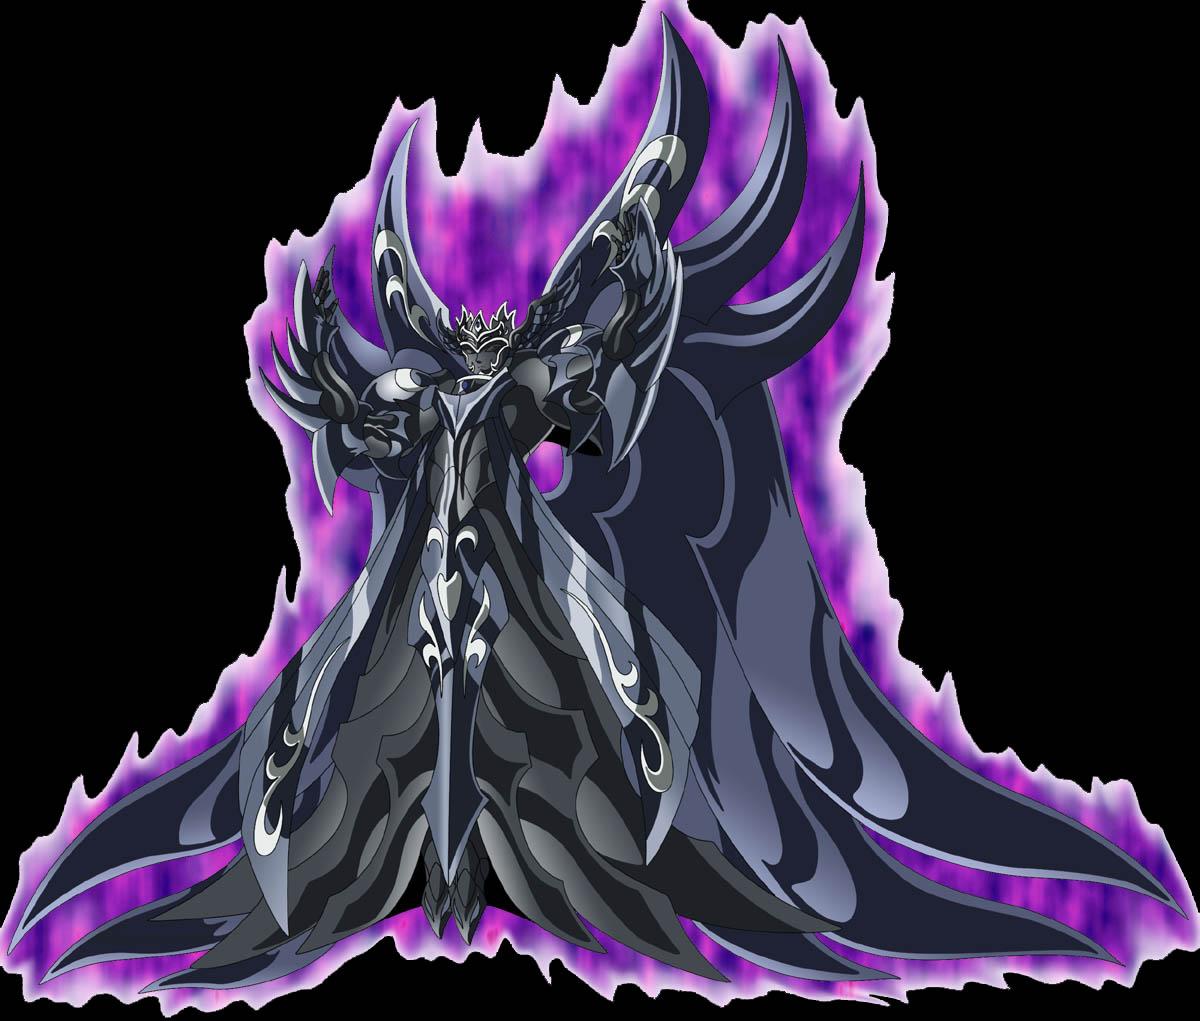 Reino de Hades: Jueces, Dioses Y Dios Hades Arman_virgo-thanatos